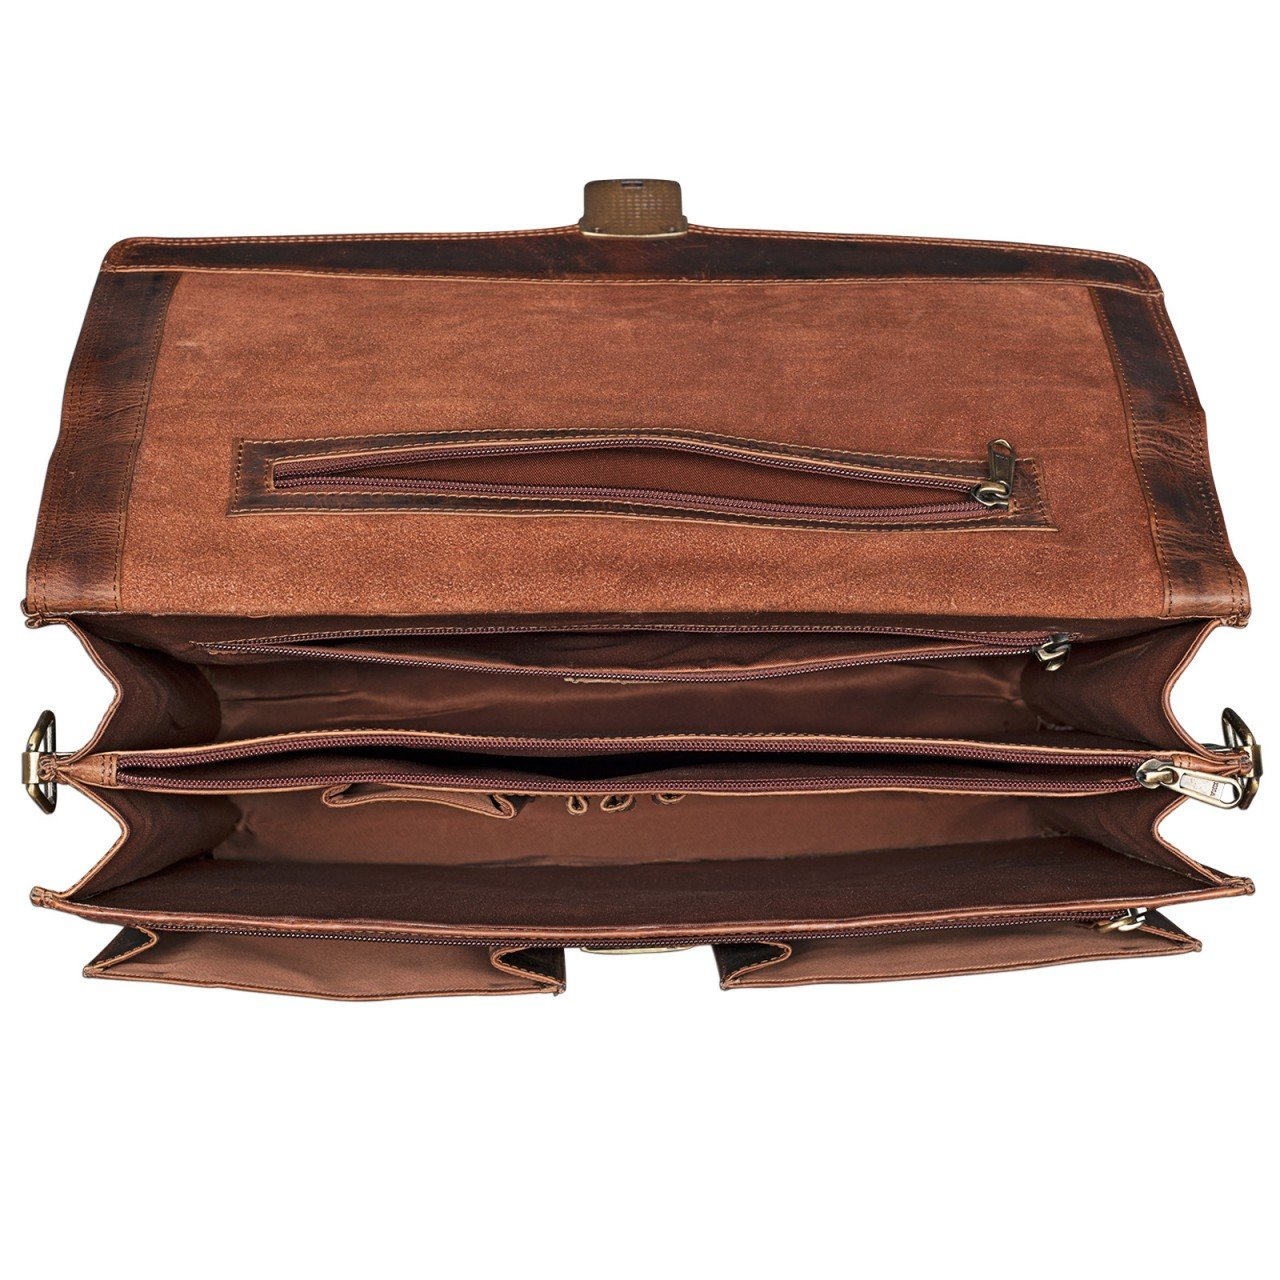 STILORD Julian Cl/ásico malet/ín de Piel Vintage para Hombres y Mujeres Bolso de Negocios Mano para Trabajo Oficina y port/átil de 15,6 de aut/éntico Cuero Color:Kara Cognac